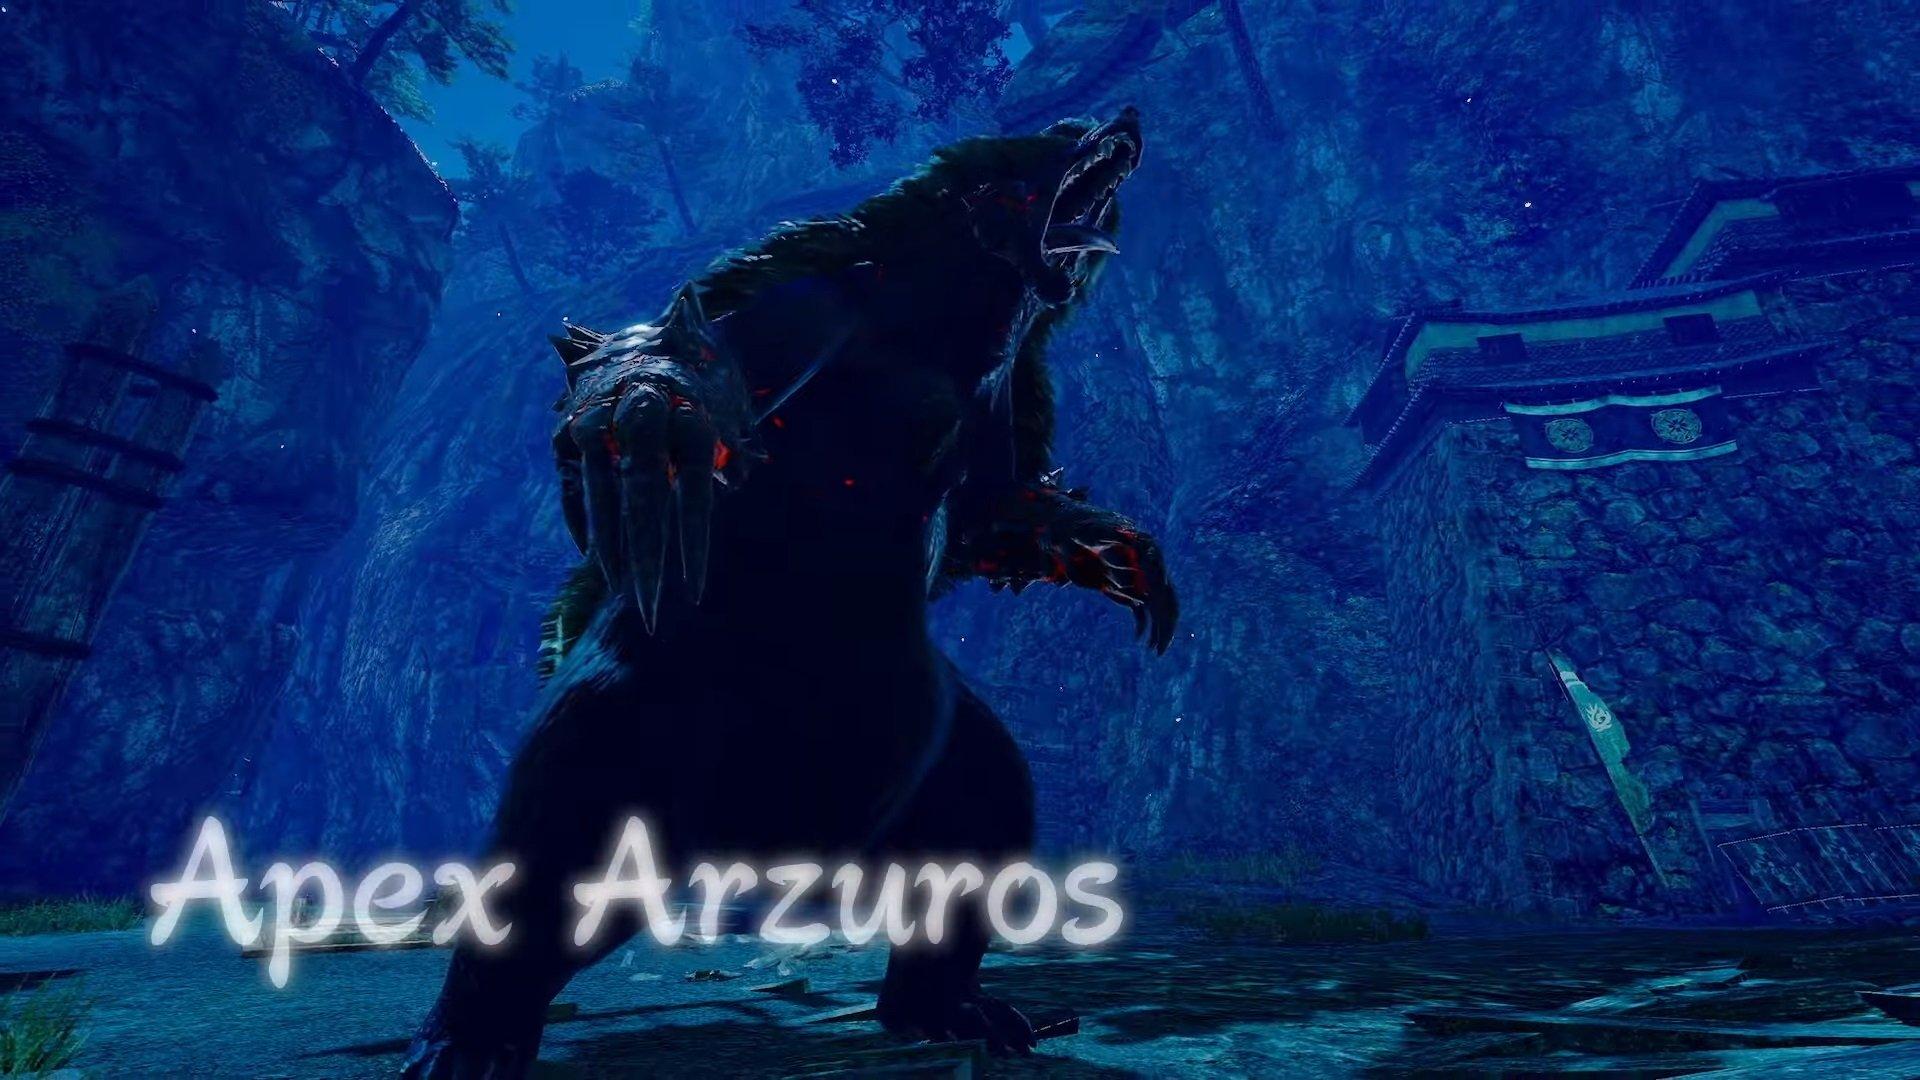 Ein brüllender Apex Arzuros